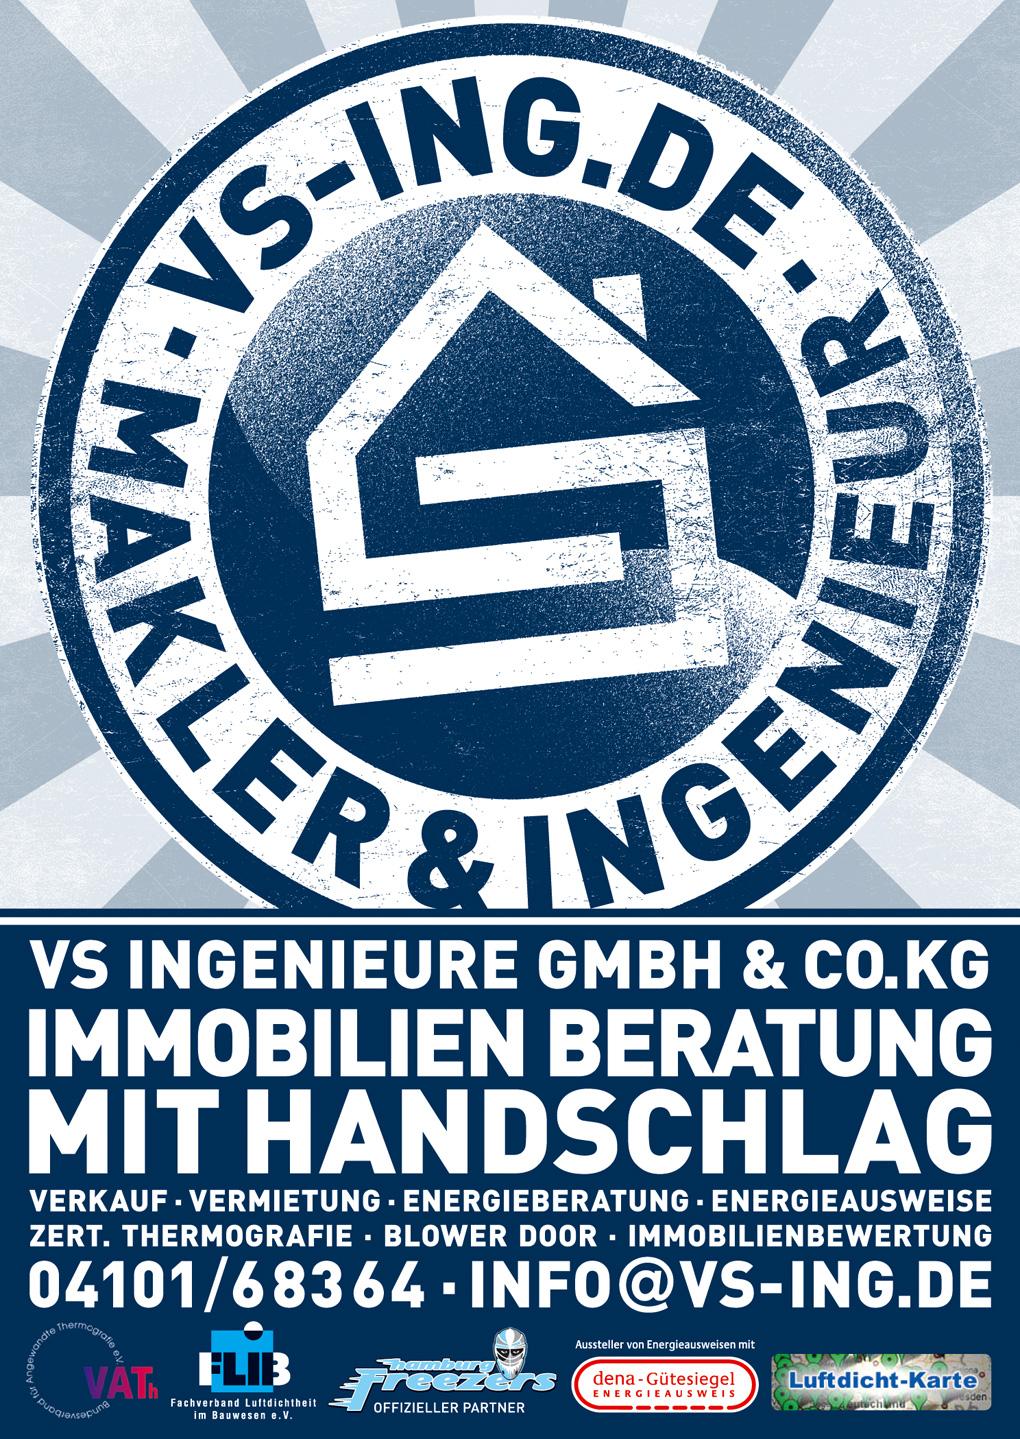 Verkauf Immobilien Thermografie Hamburg Blower Door Messung Immobilienbewertung Elmshorn